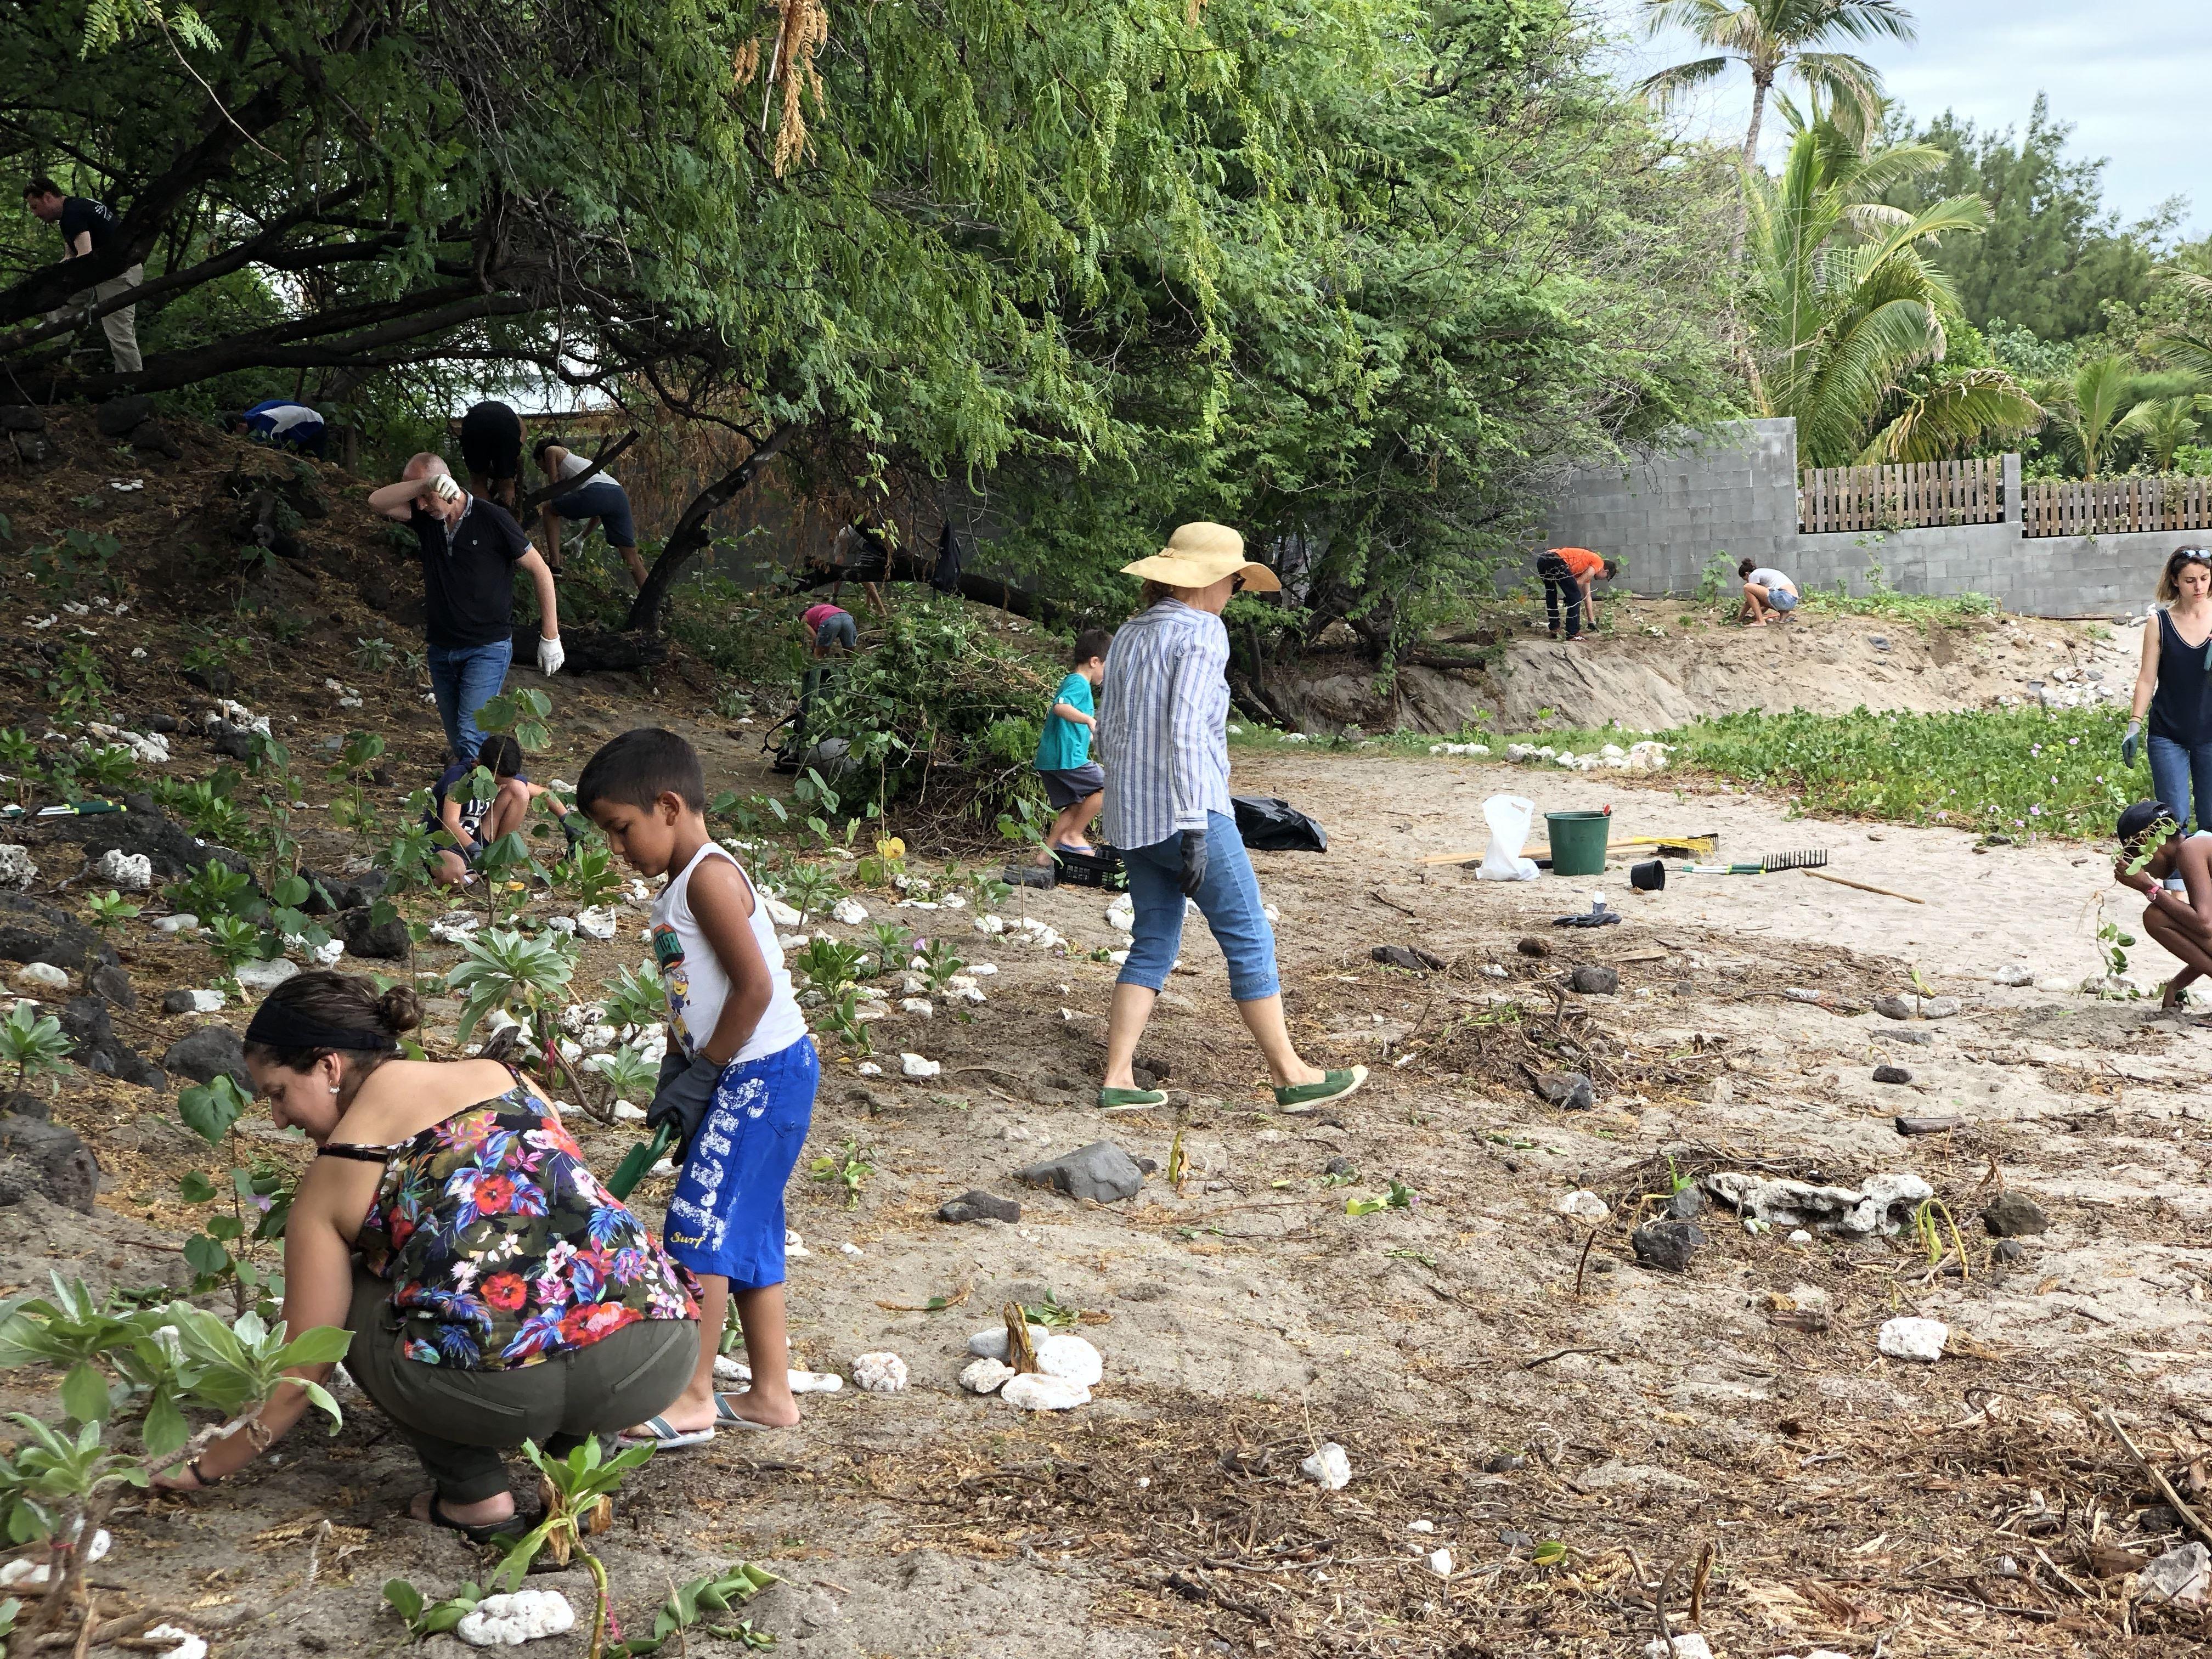 Zarlor (Thematische Entdeckung eines Schatzes des Westens der Insel) - Spaziergang am Strand in der verbotenen Schlucht